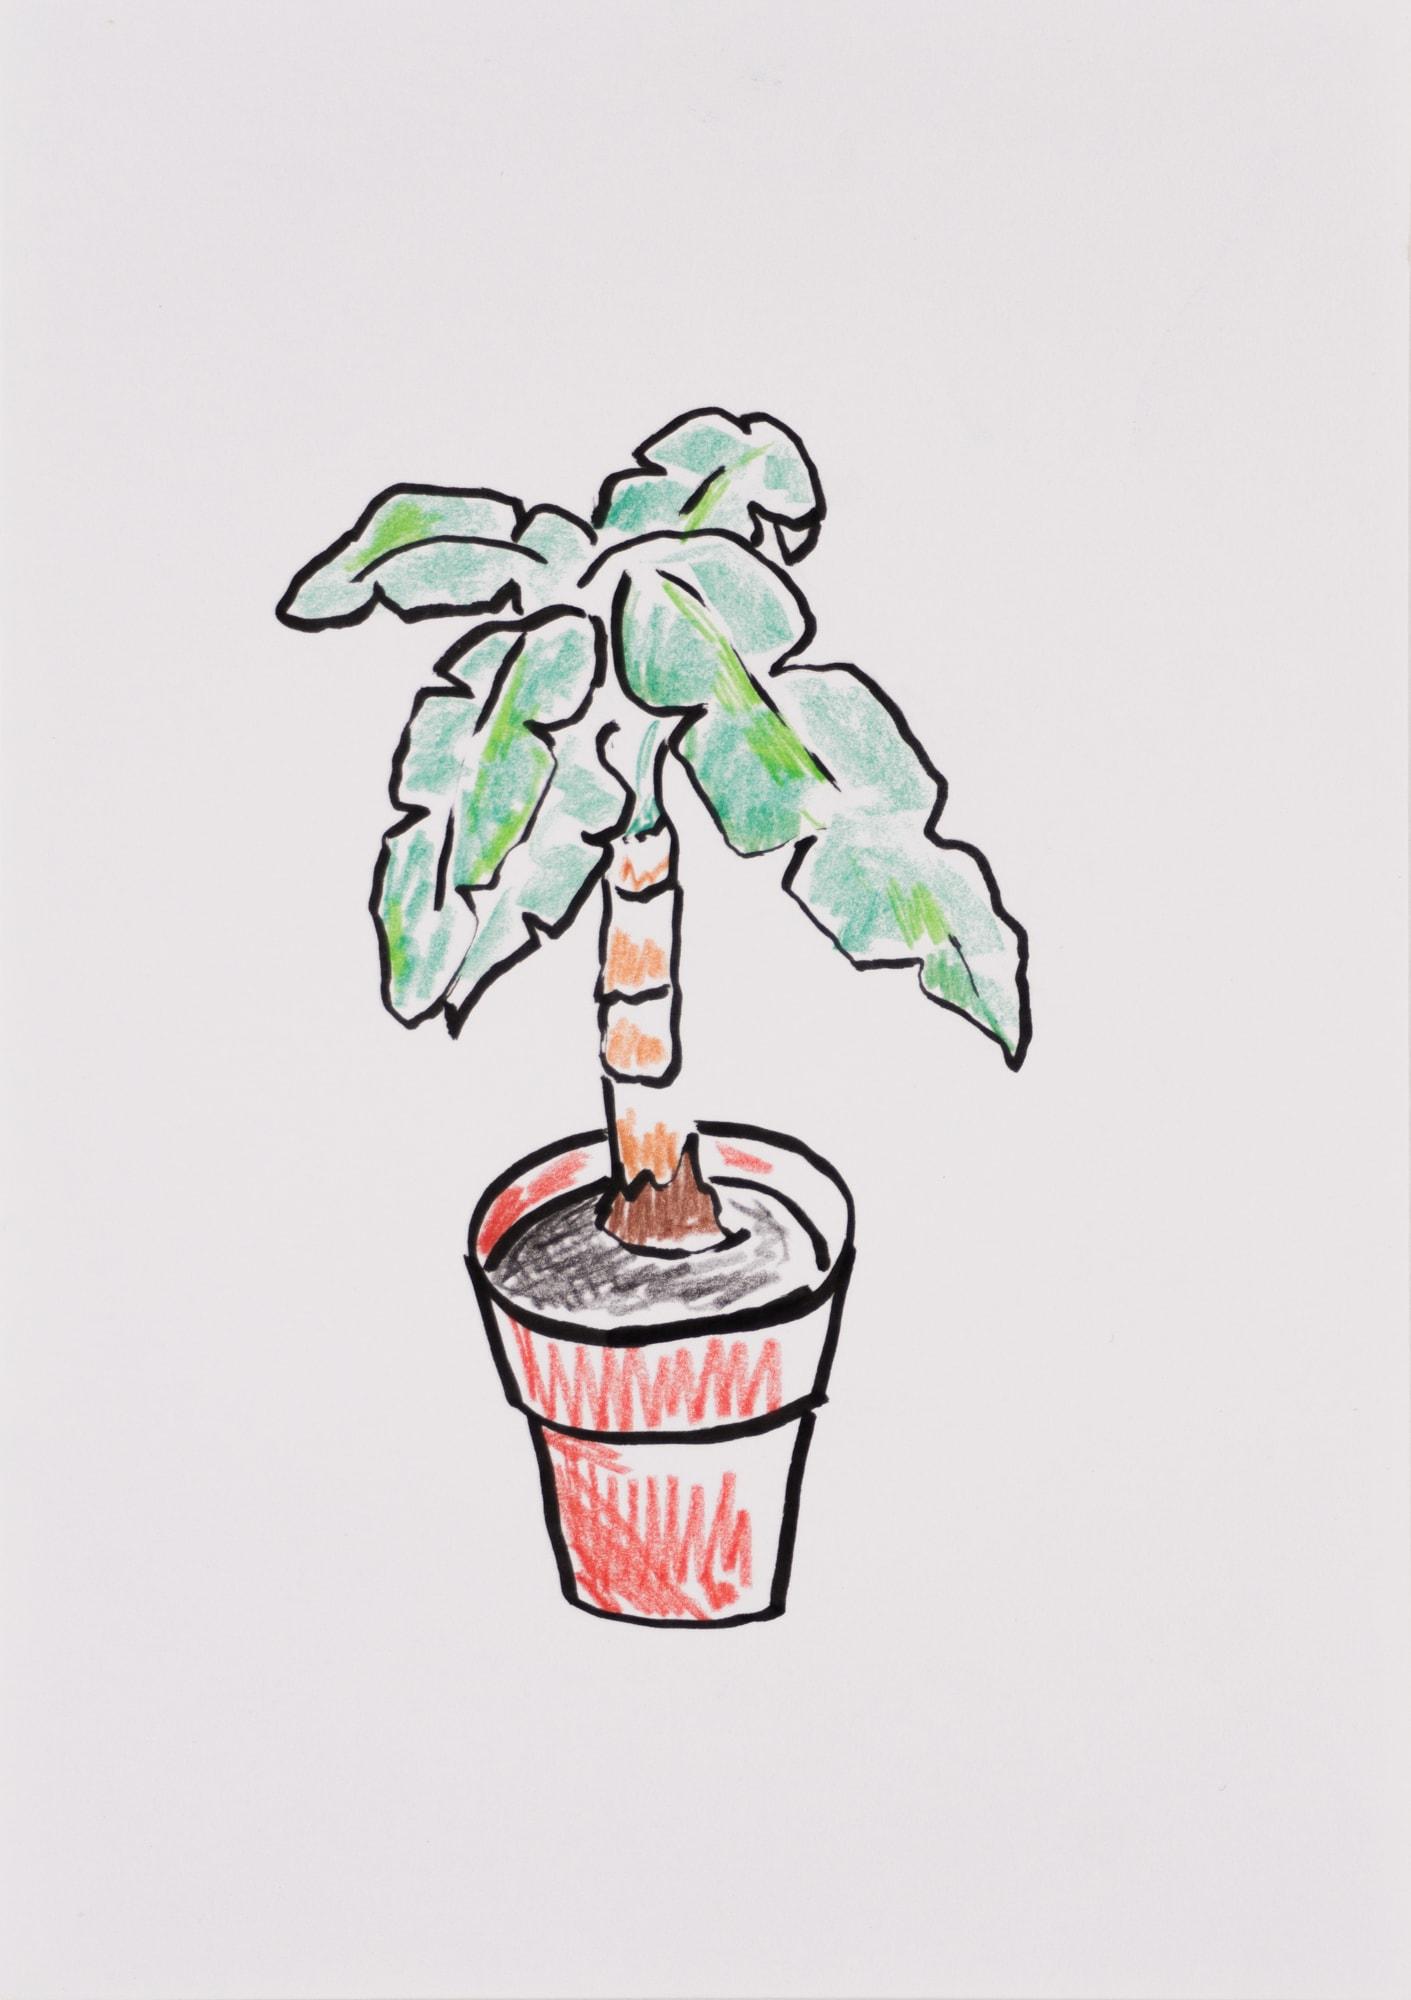 Zeichnung, Farbstift und Tusche auf Papier, 14,8x20,8cm, Bananenpflanze im Blumentopf, Künstlerin: Franziska King